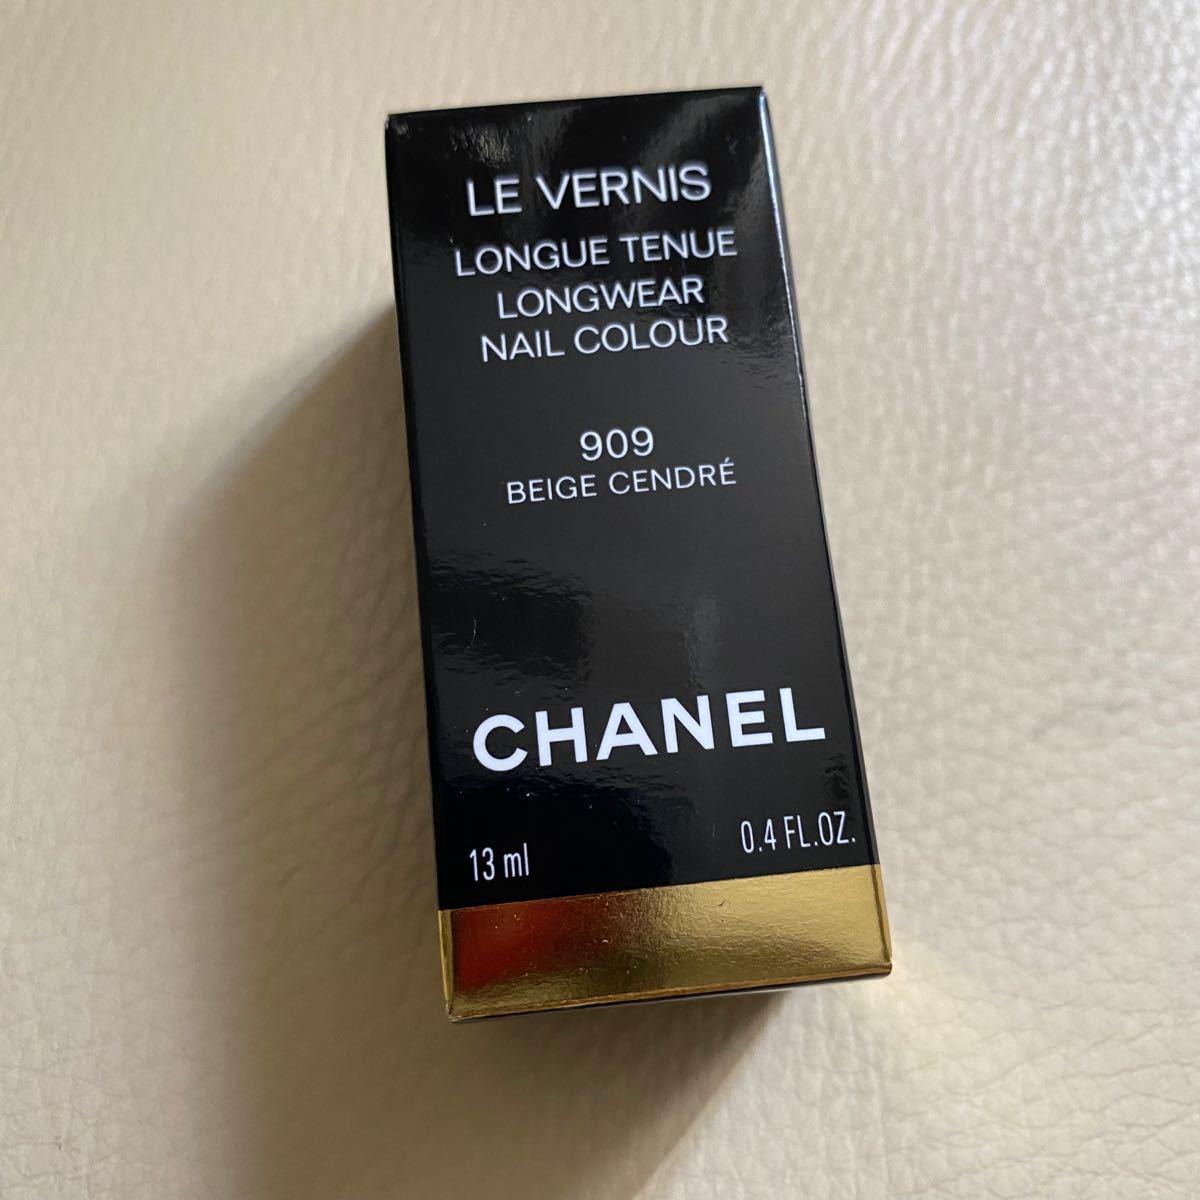 シャネル CHANEL ヴェルニロングトゥニュ 909 - ベージュ サンドレ 国内正規品 限定